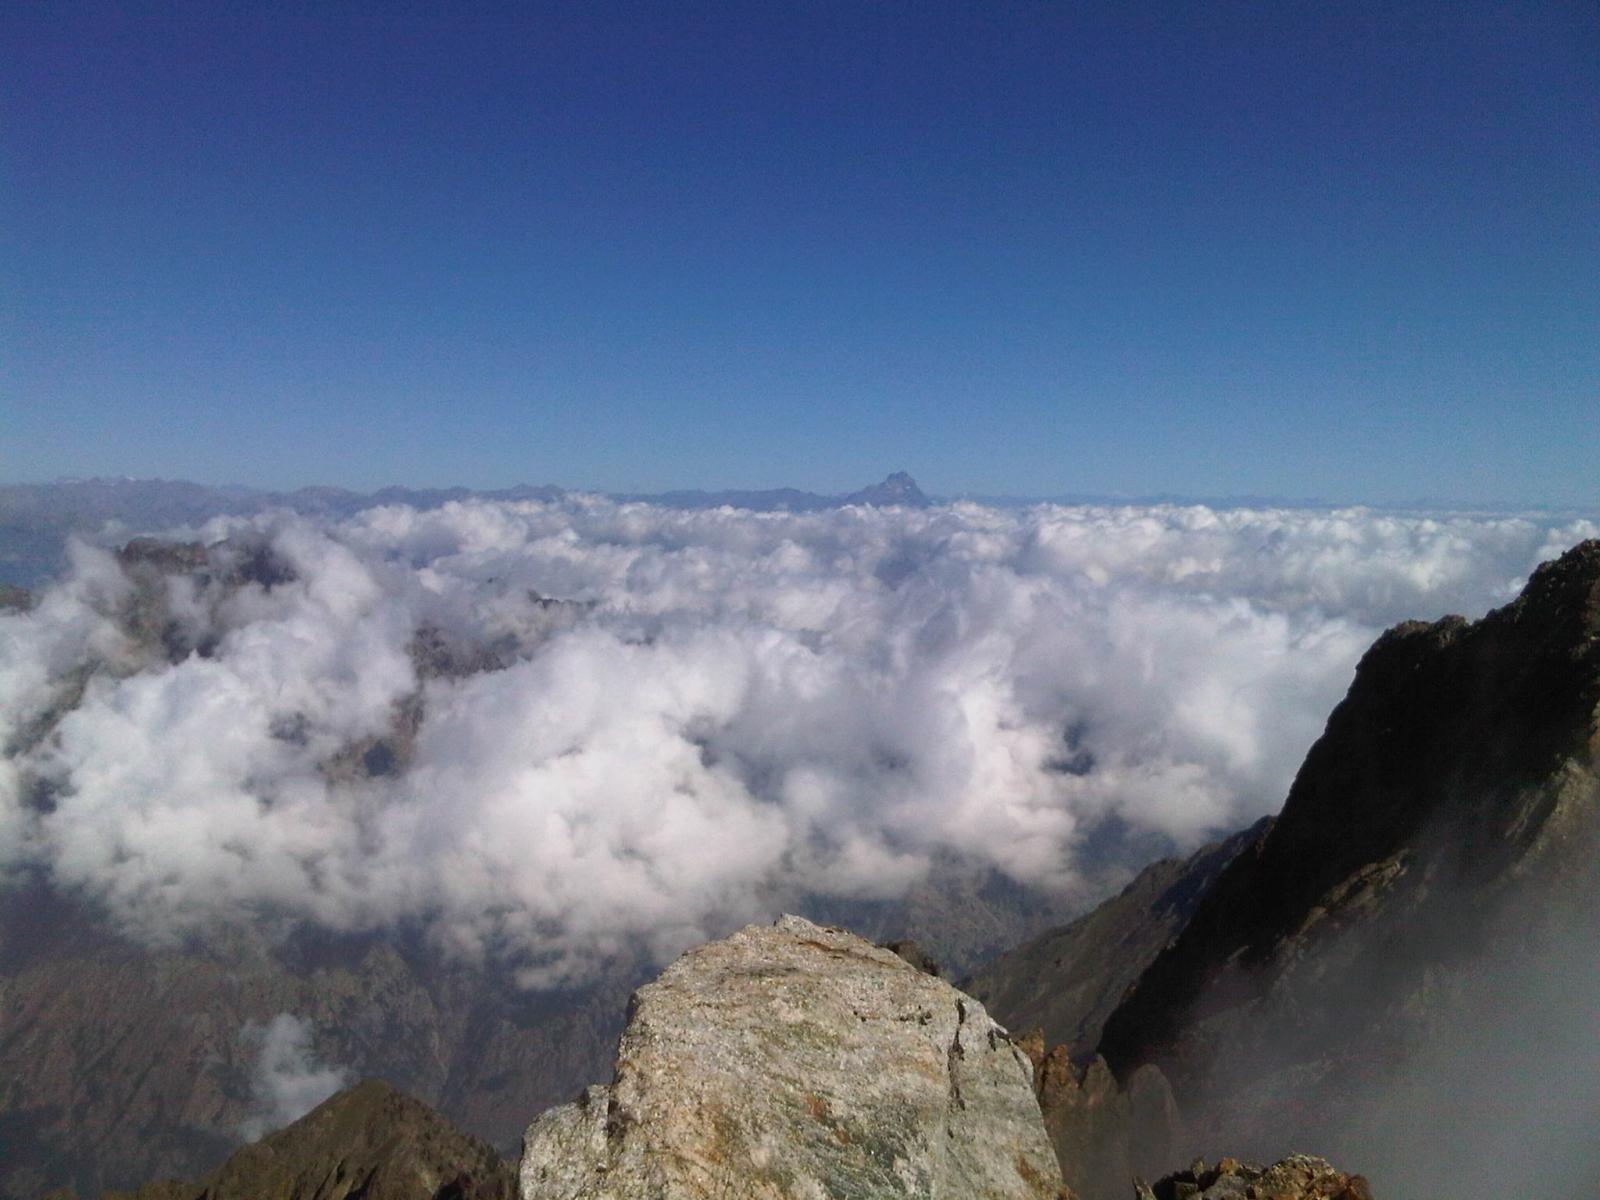 Mte. Argentera 08-11 August 2012 (Photo 32)